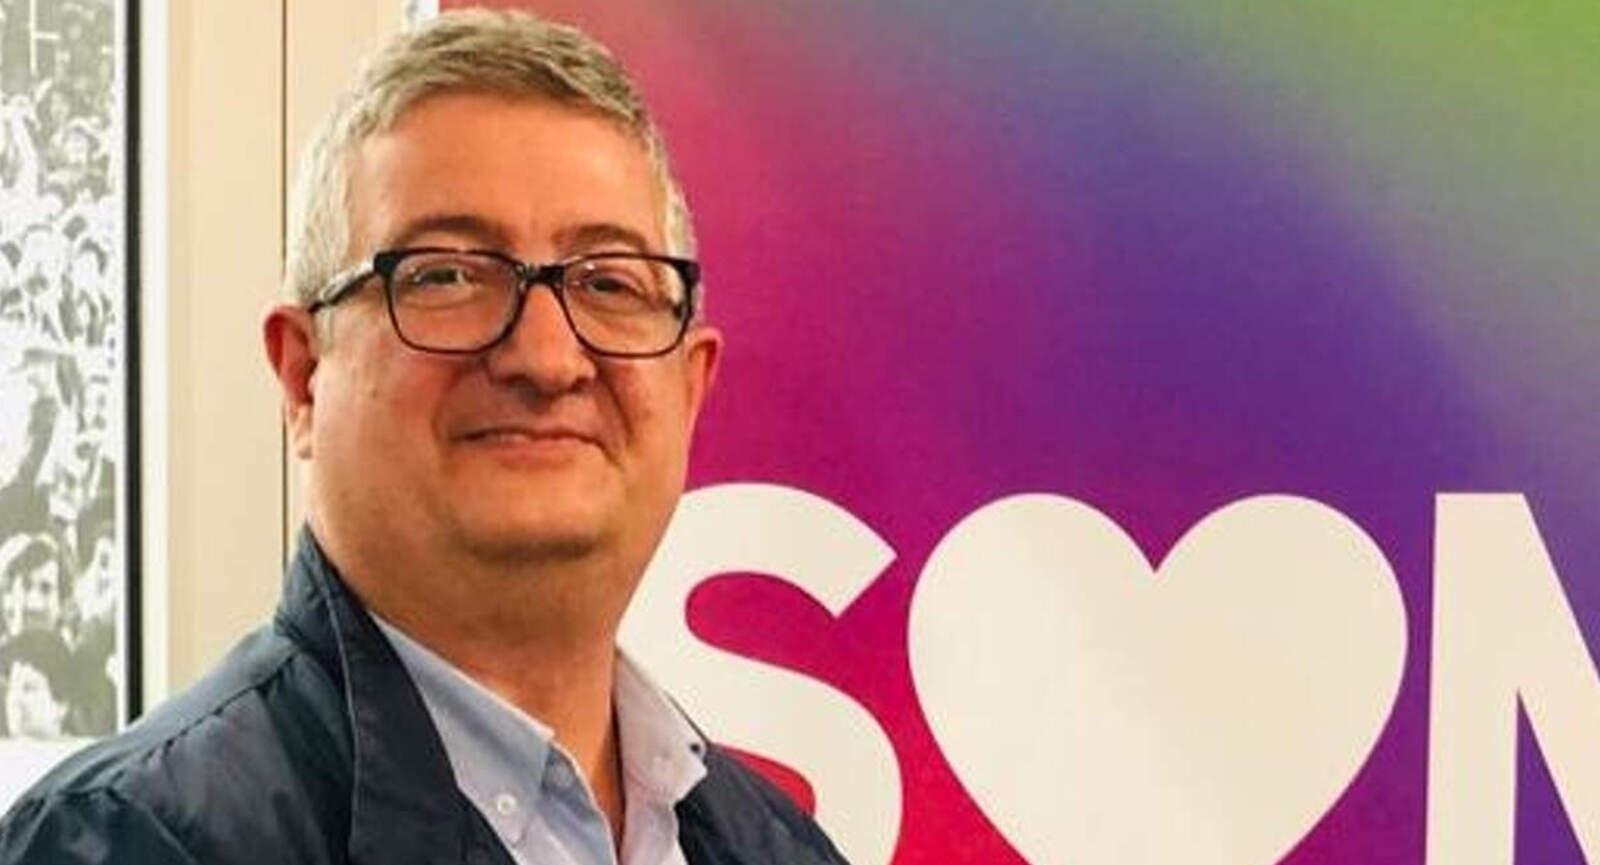 Txetxu Sanz és candidat a primer secretari del PSC